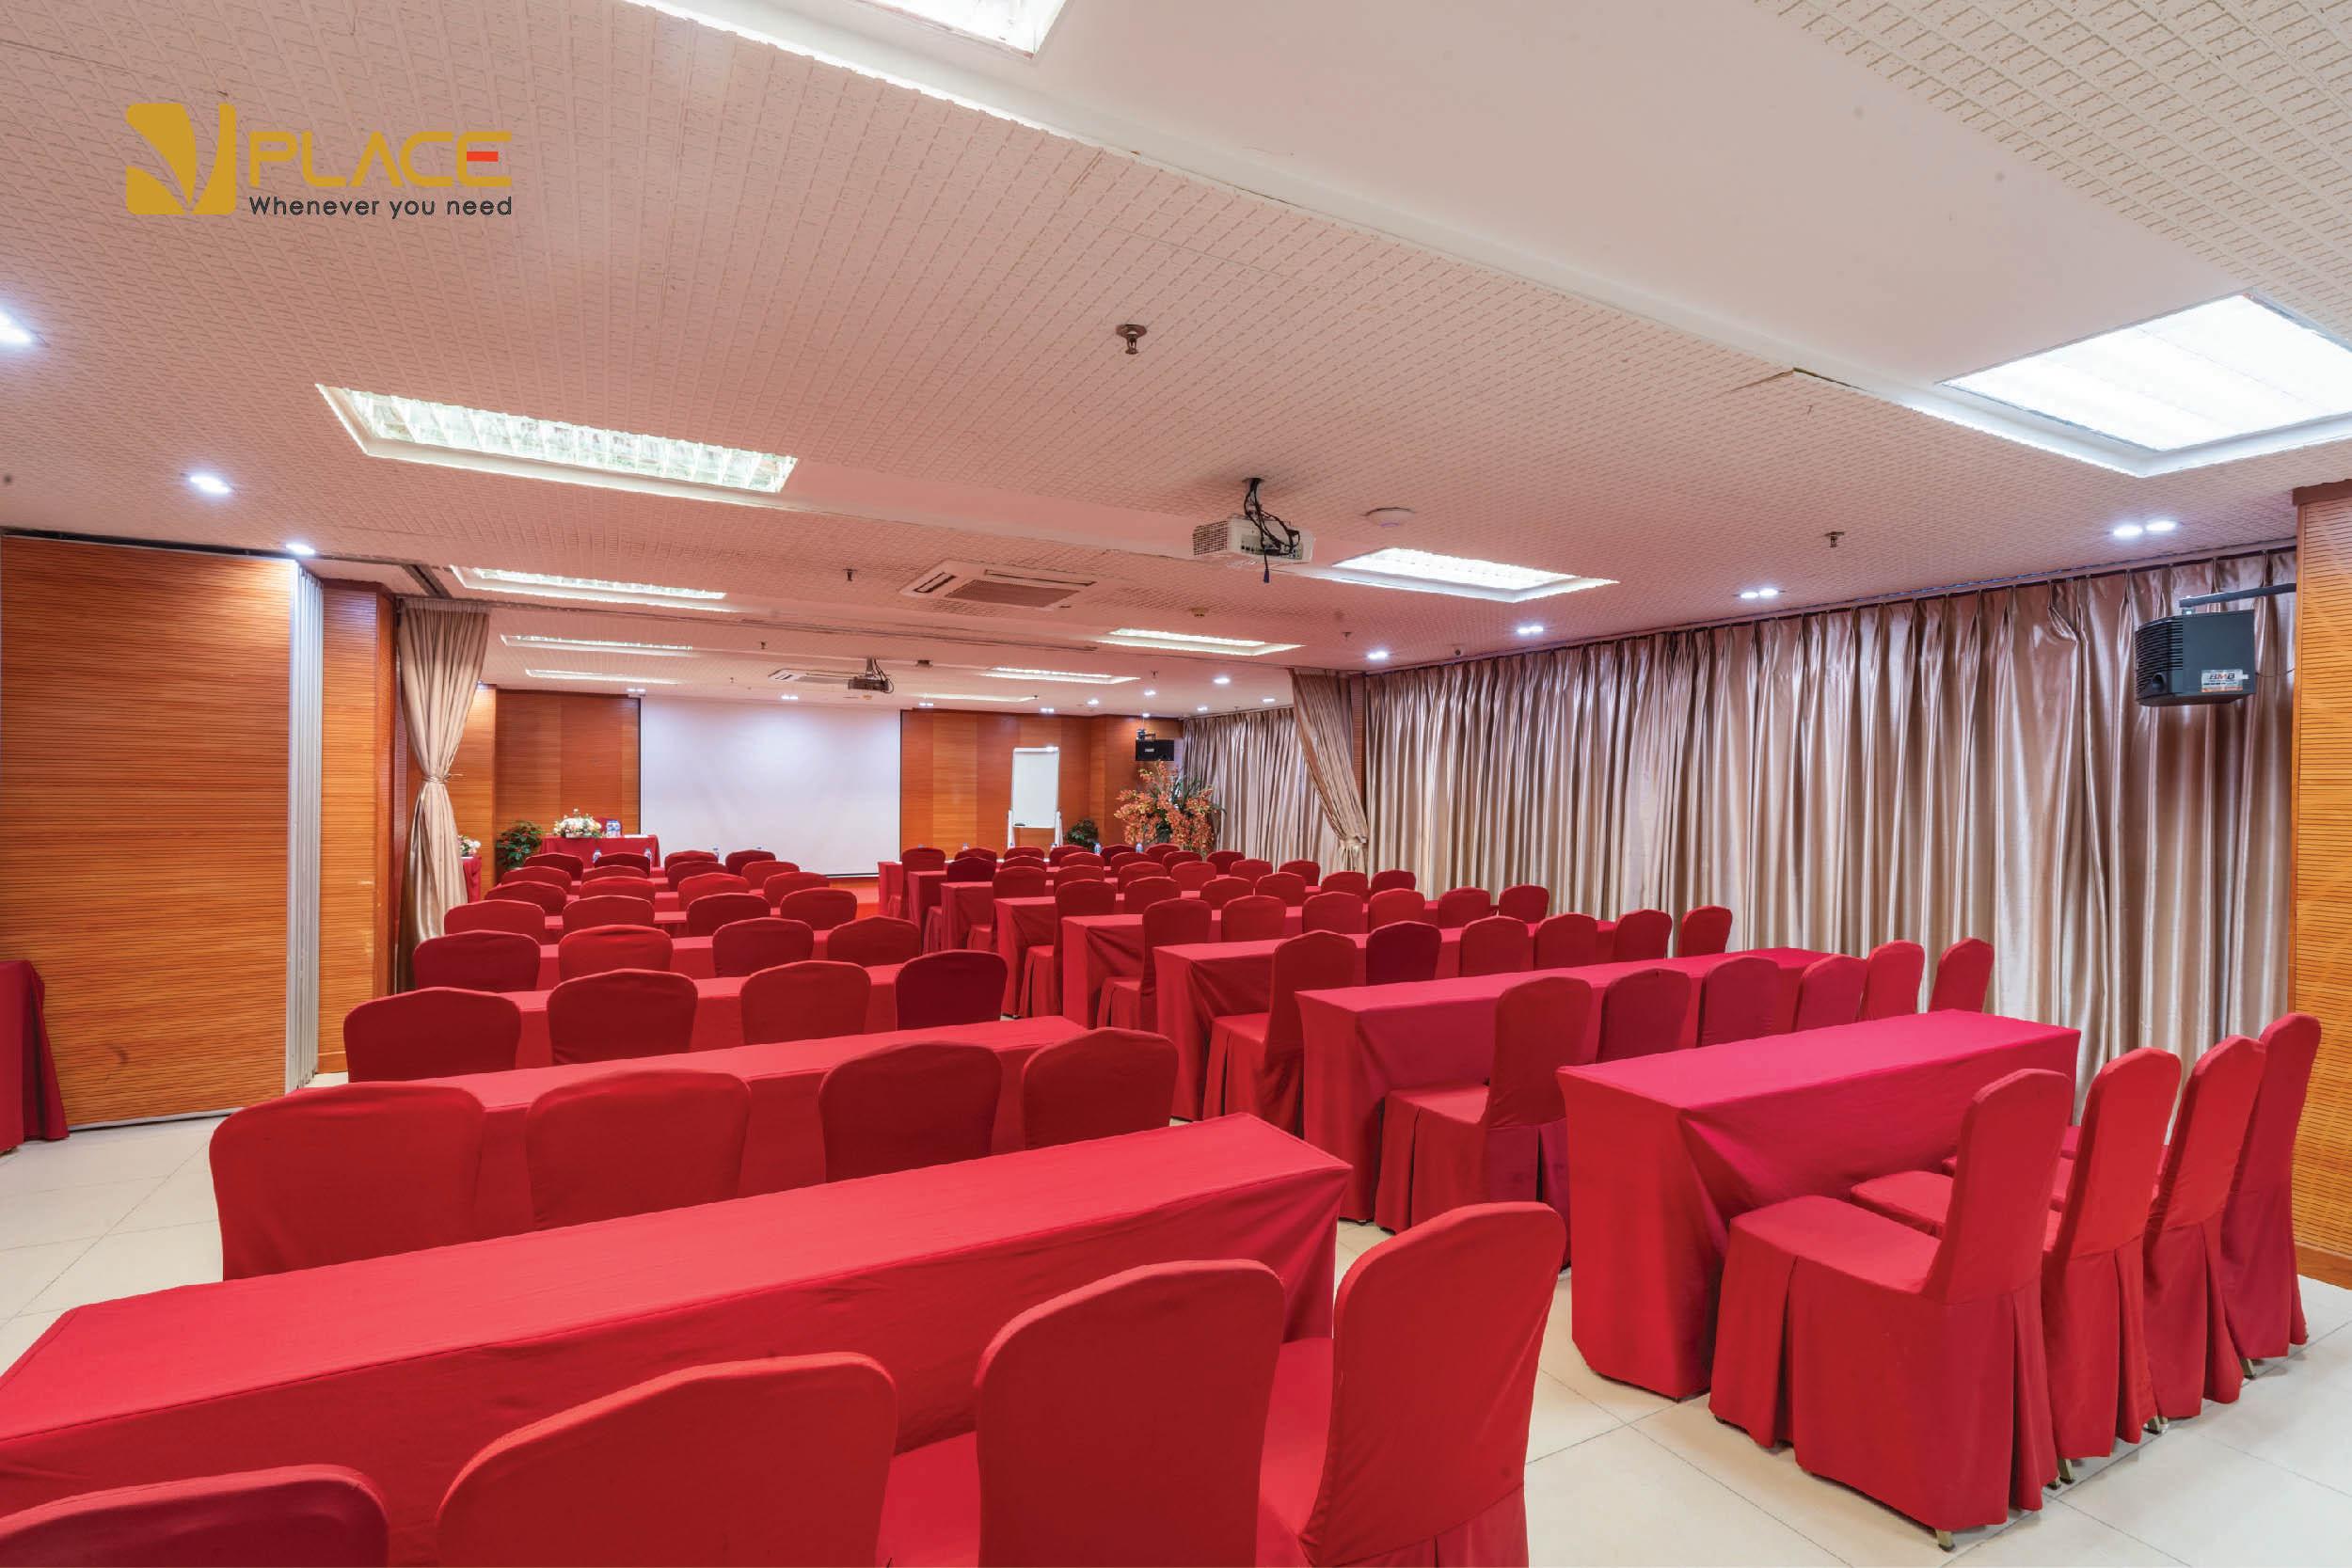 thuê phòng để tổ chức hội thảo